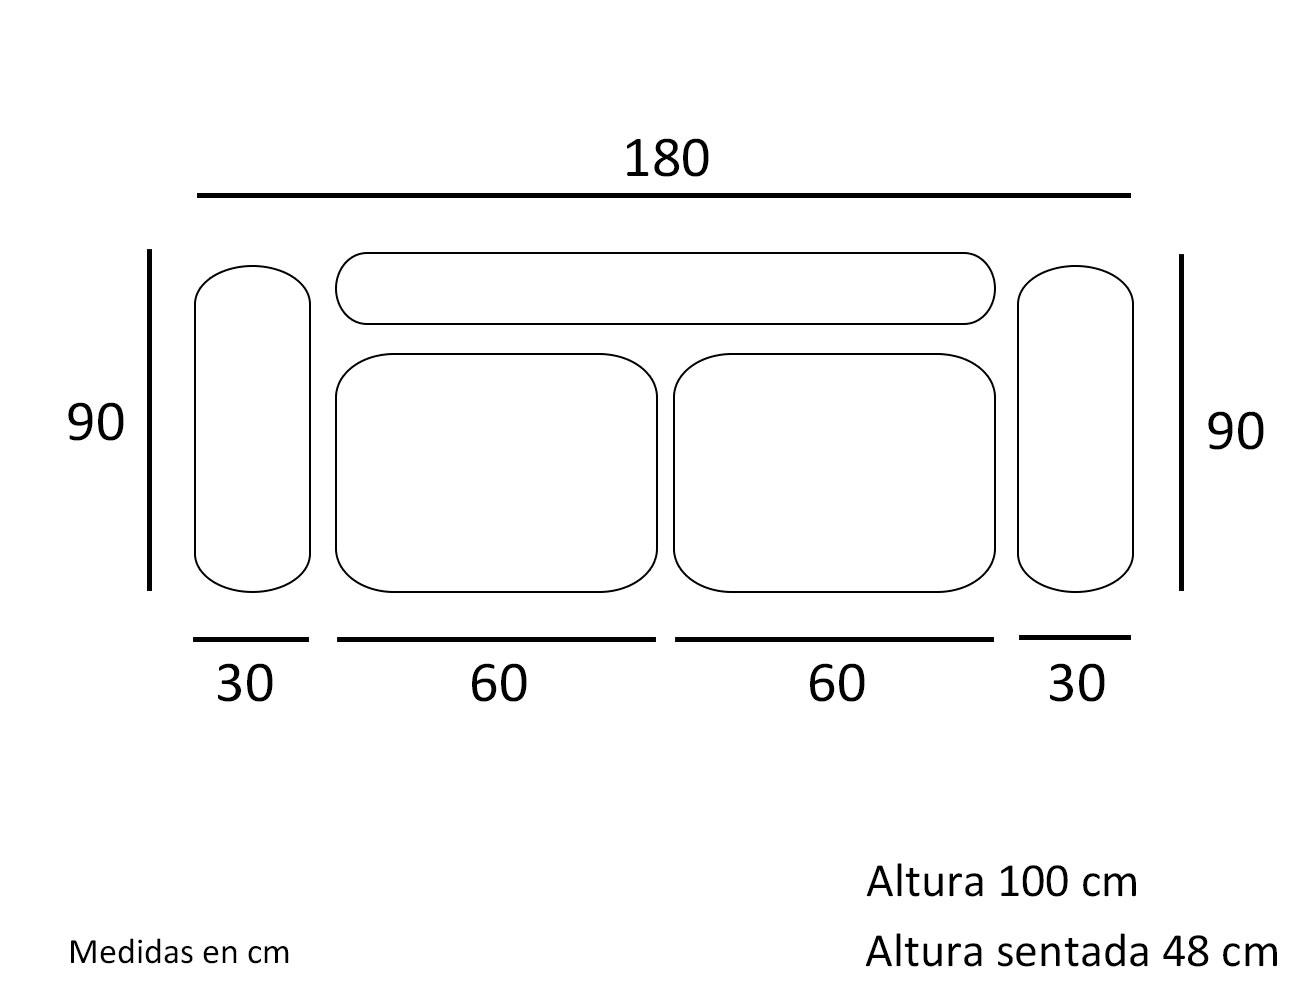 Croquis sofa 3 plazas 1803